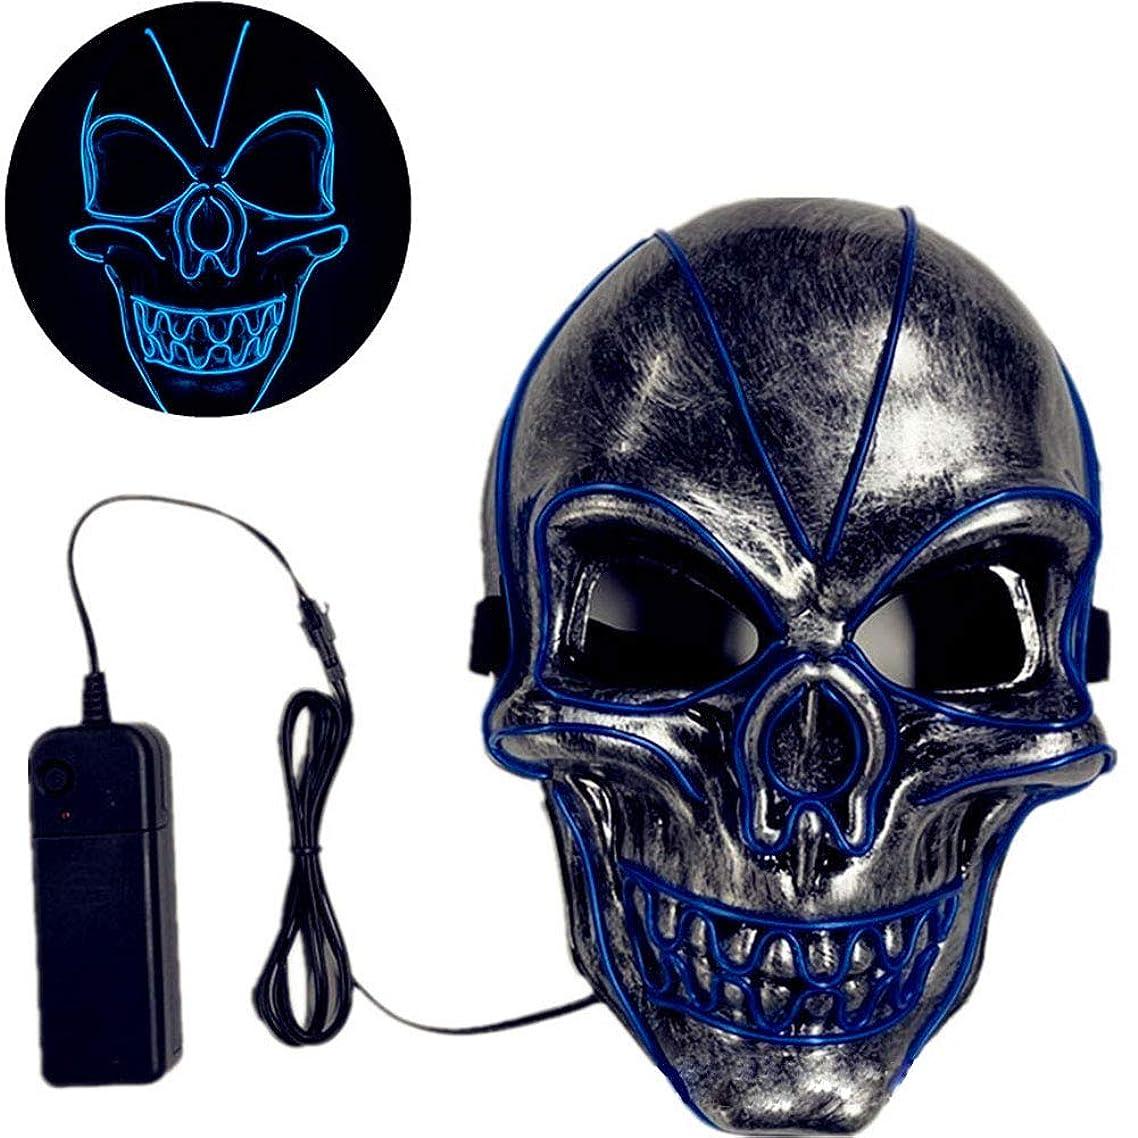 テーマパーティー、カーニバル、ハロウィーン、レイブパーティー、仮面舞踏会などに適したハロウィーンマスク、LEDマスク,Blue